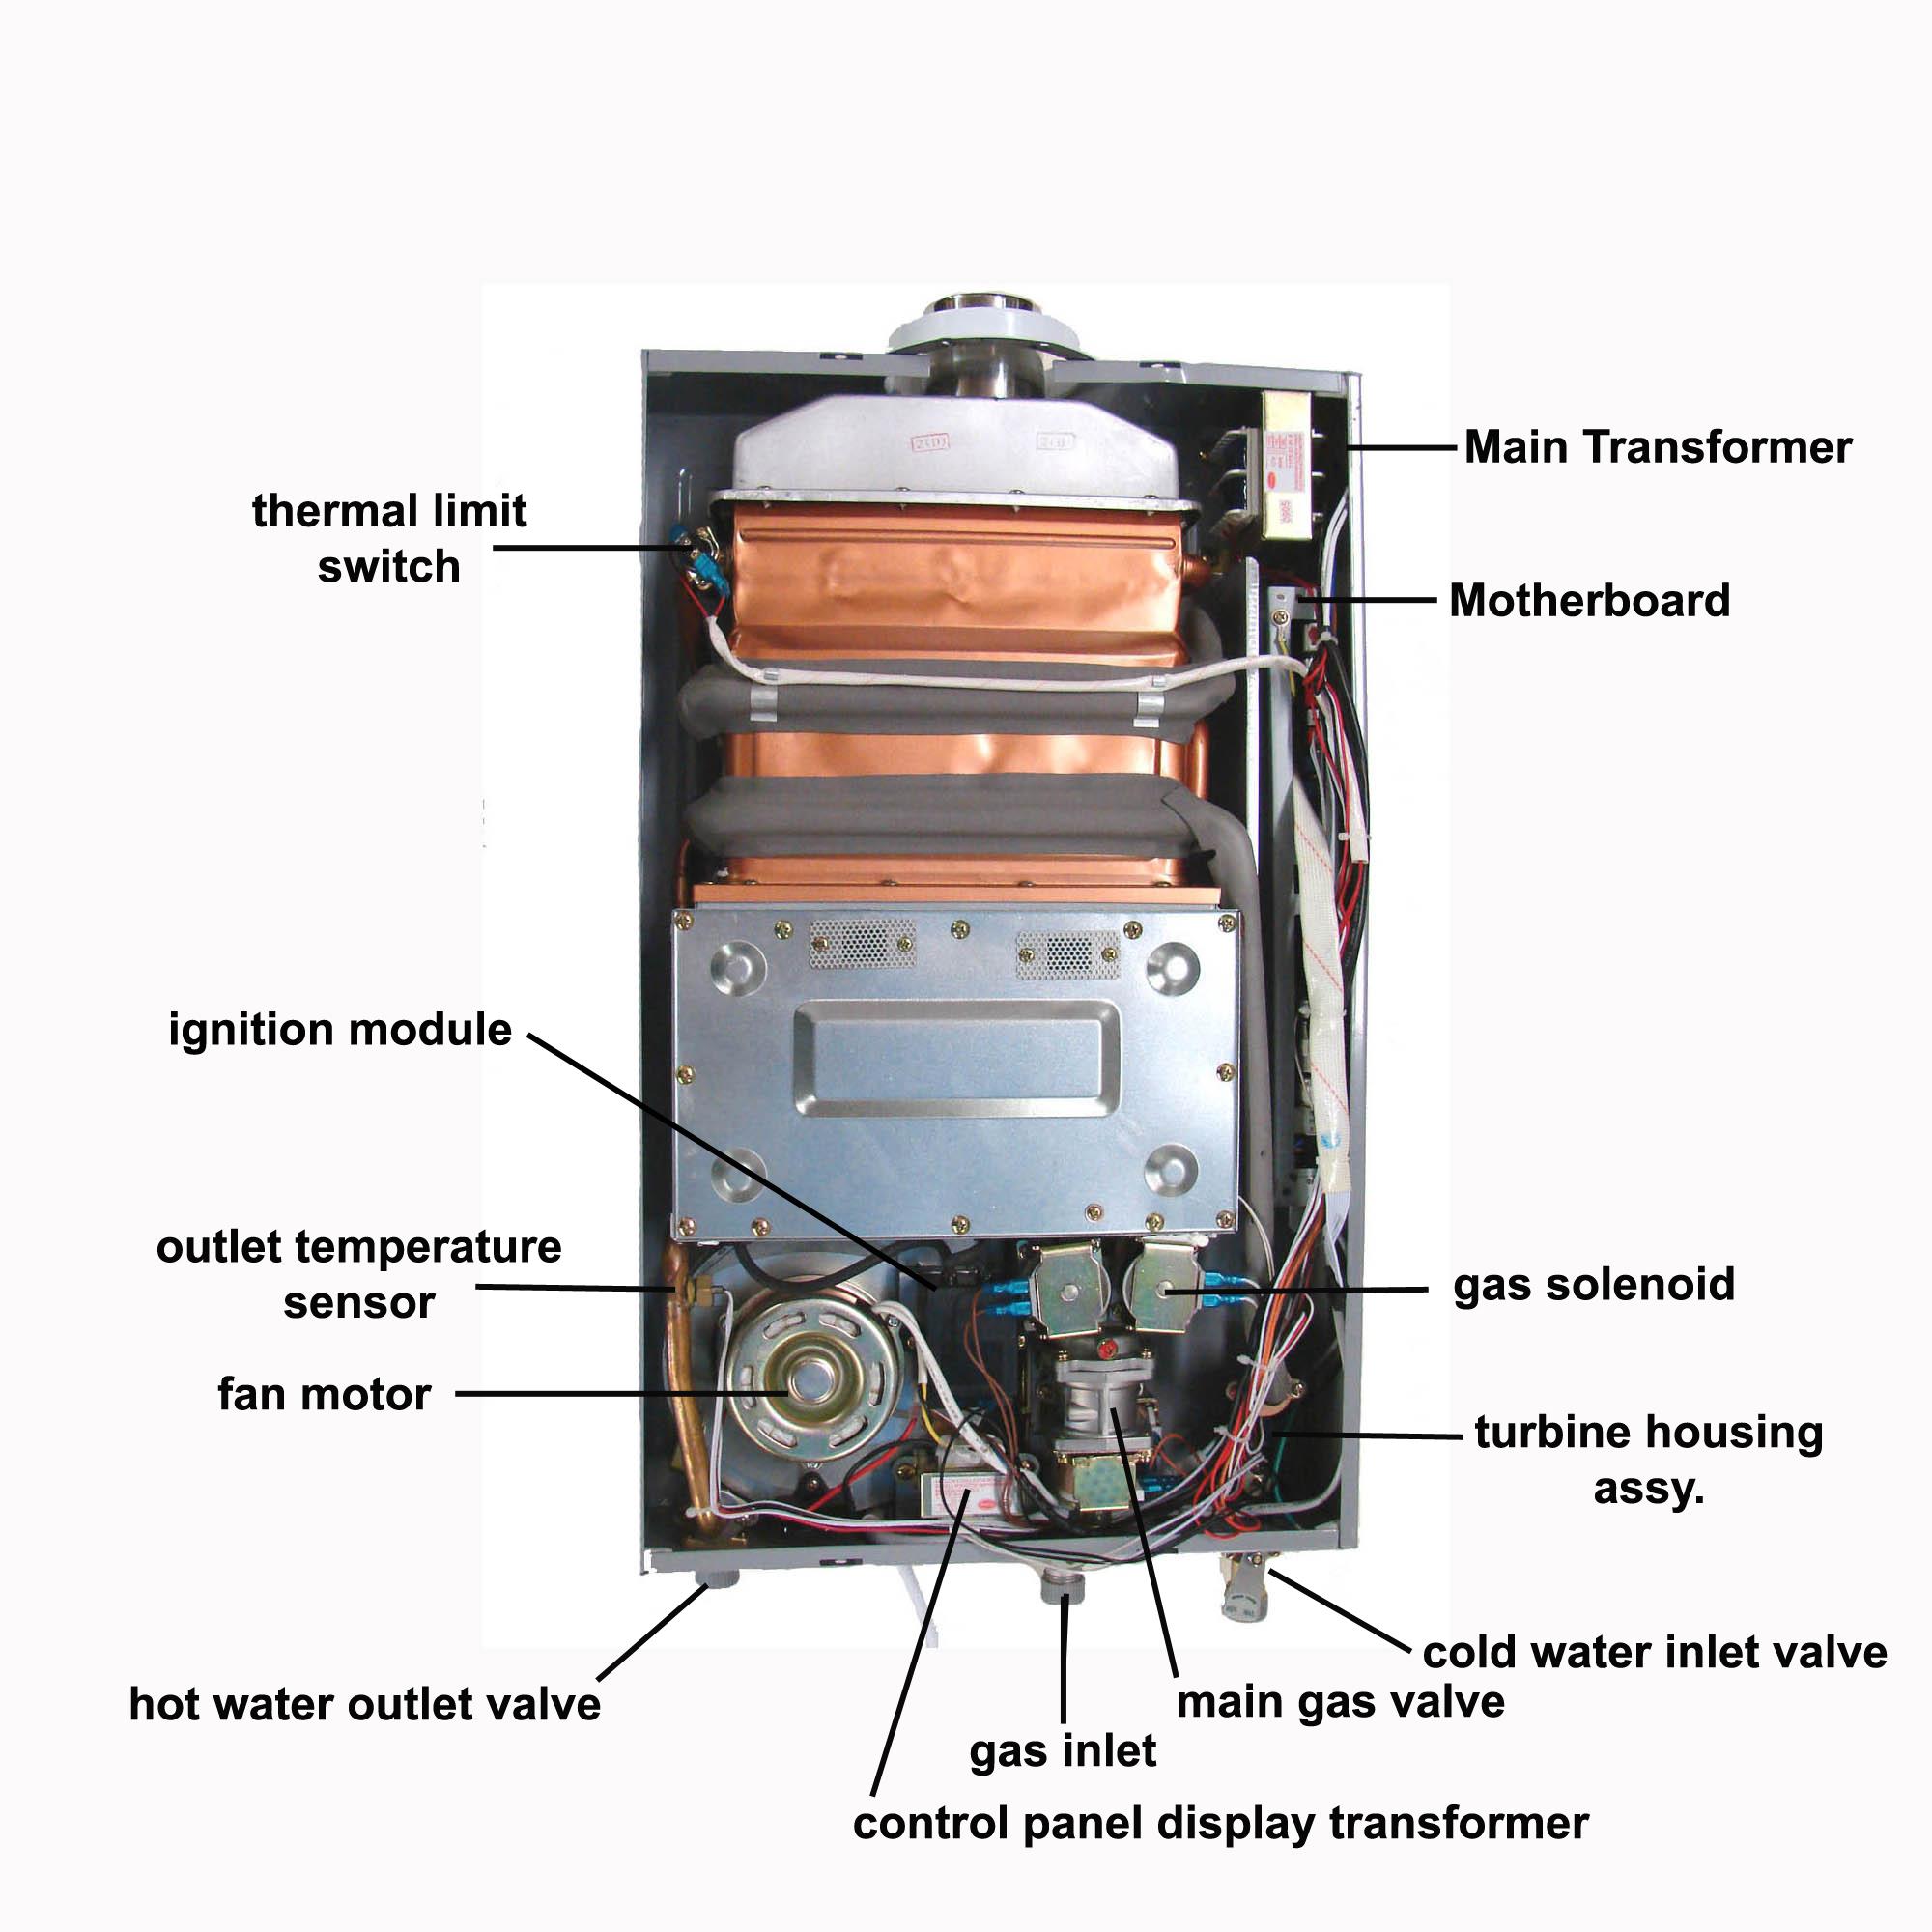 gas water heater diagram tl 9481  bosch water heater diagram wiring diagram gas water heater schematic diagram bosch water heater diagram wiring diagram